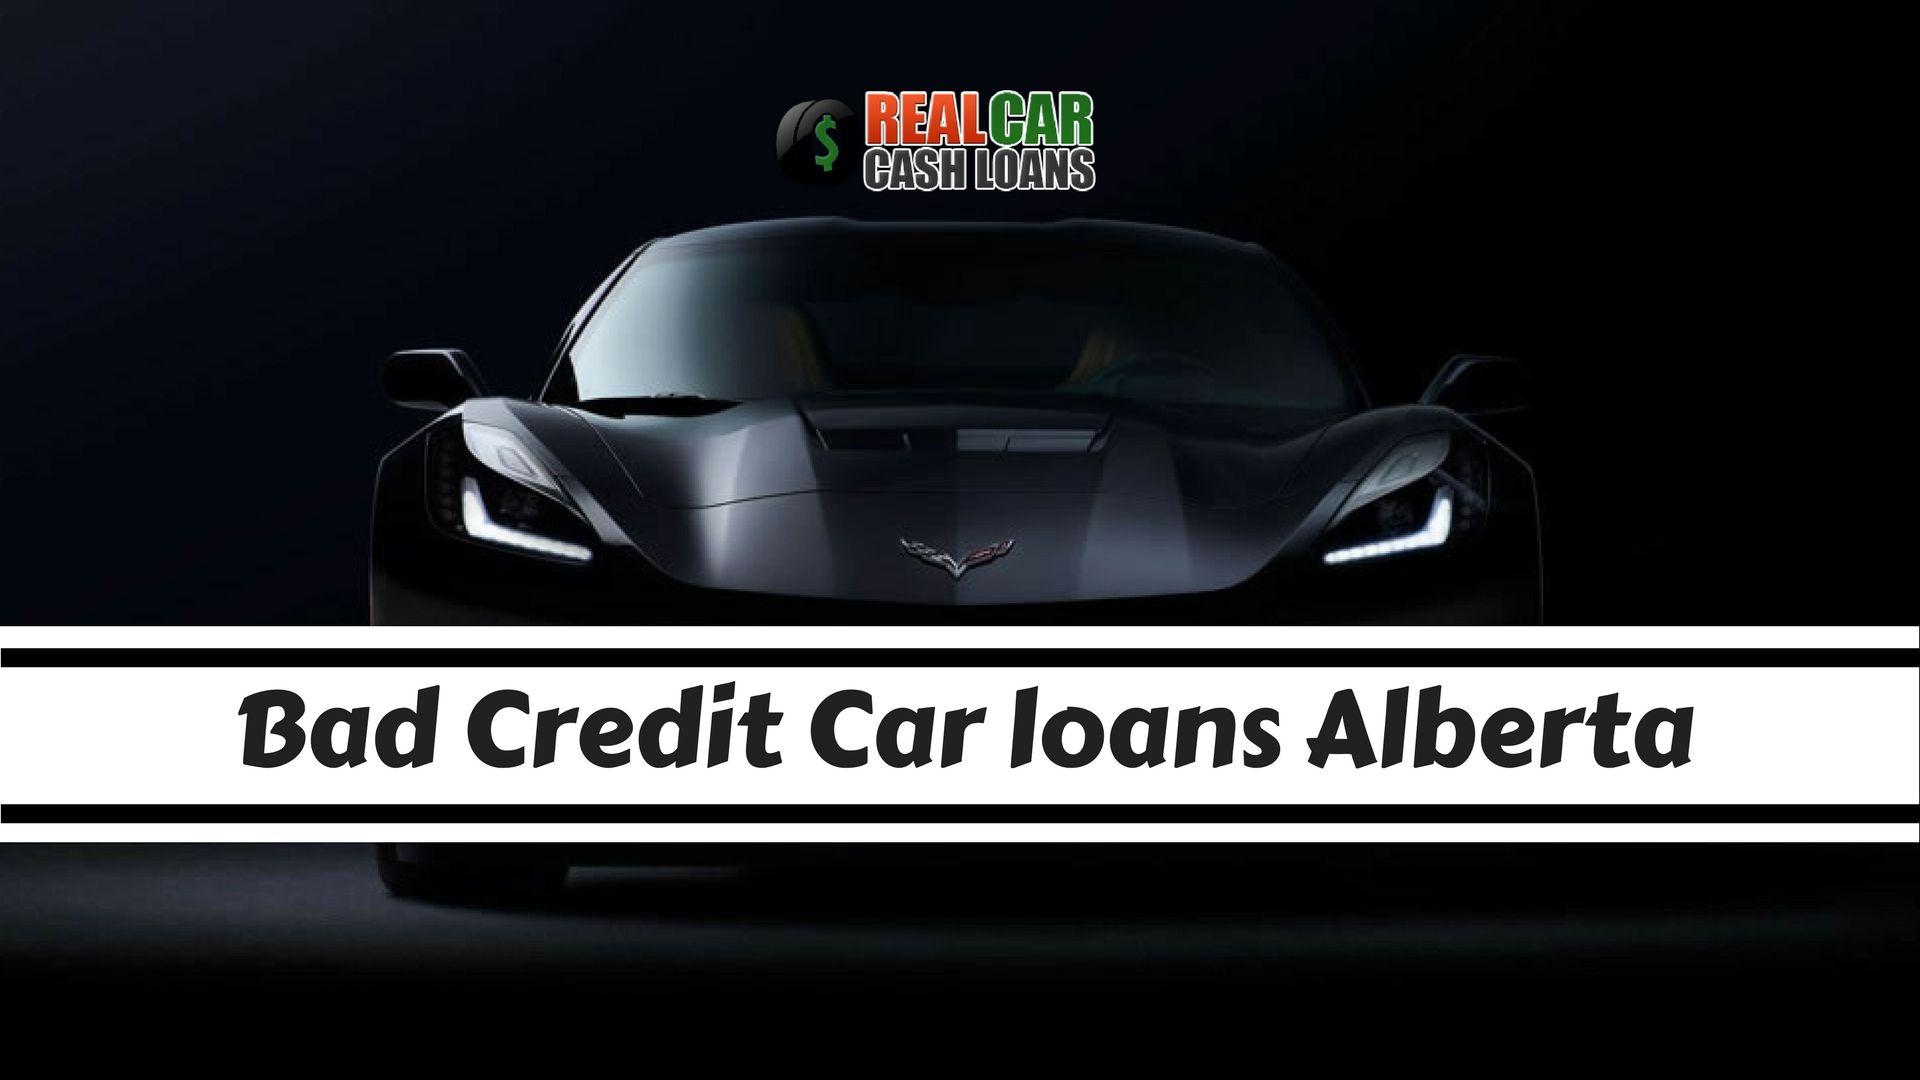 Bad credit car loans online